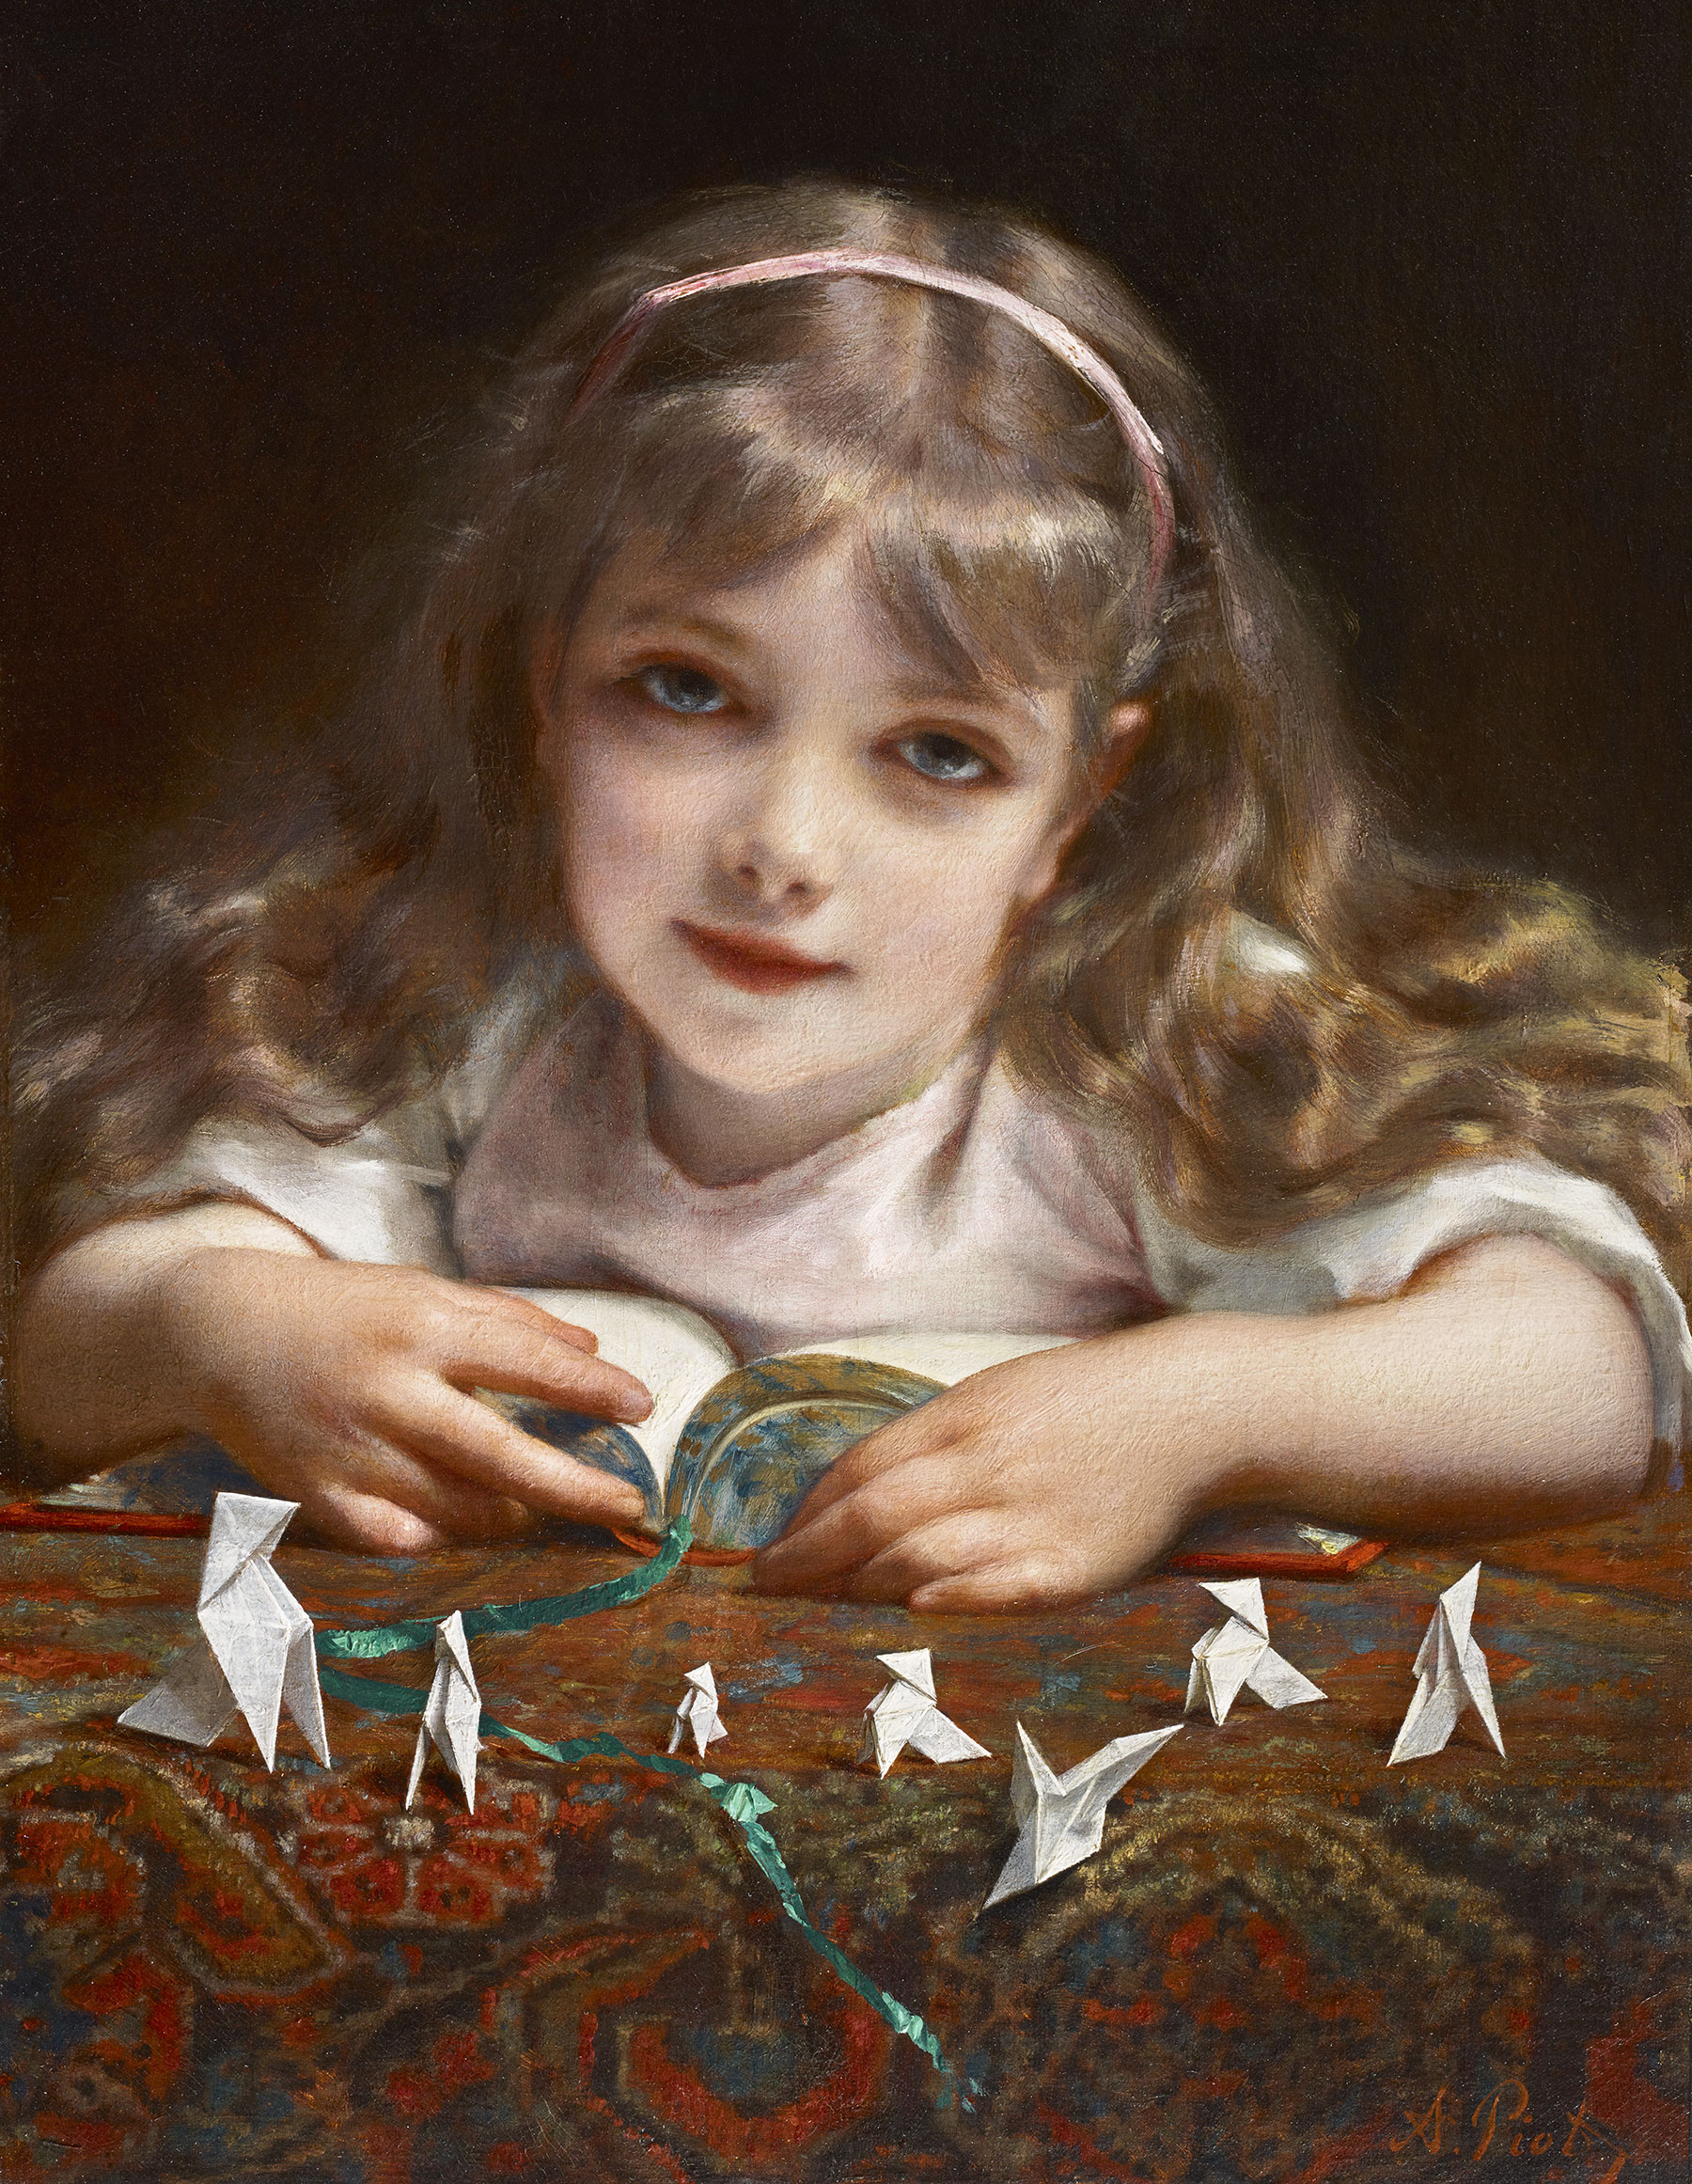 Une petite fille sur un tableau d'Adolphe Etienne Piot